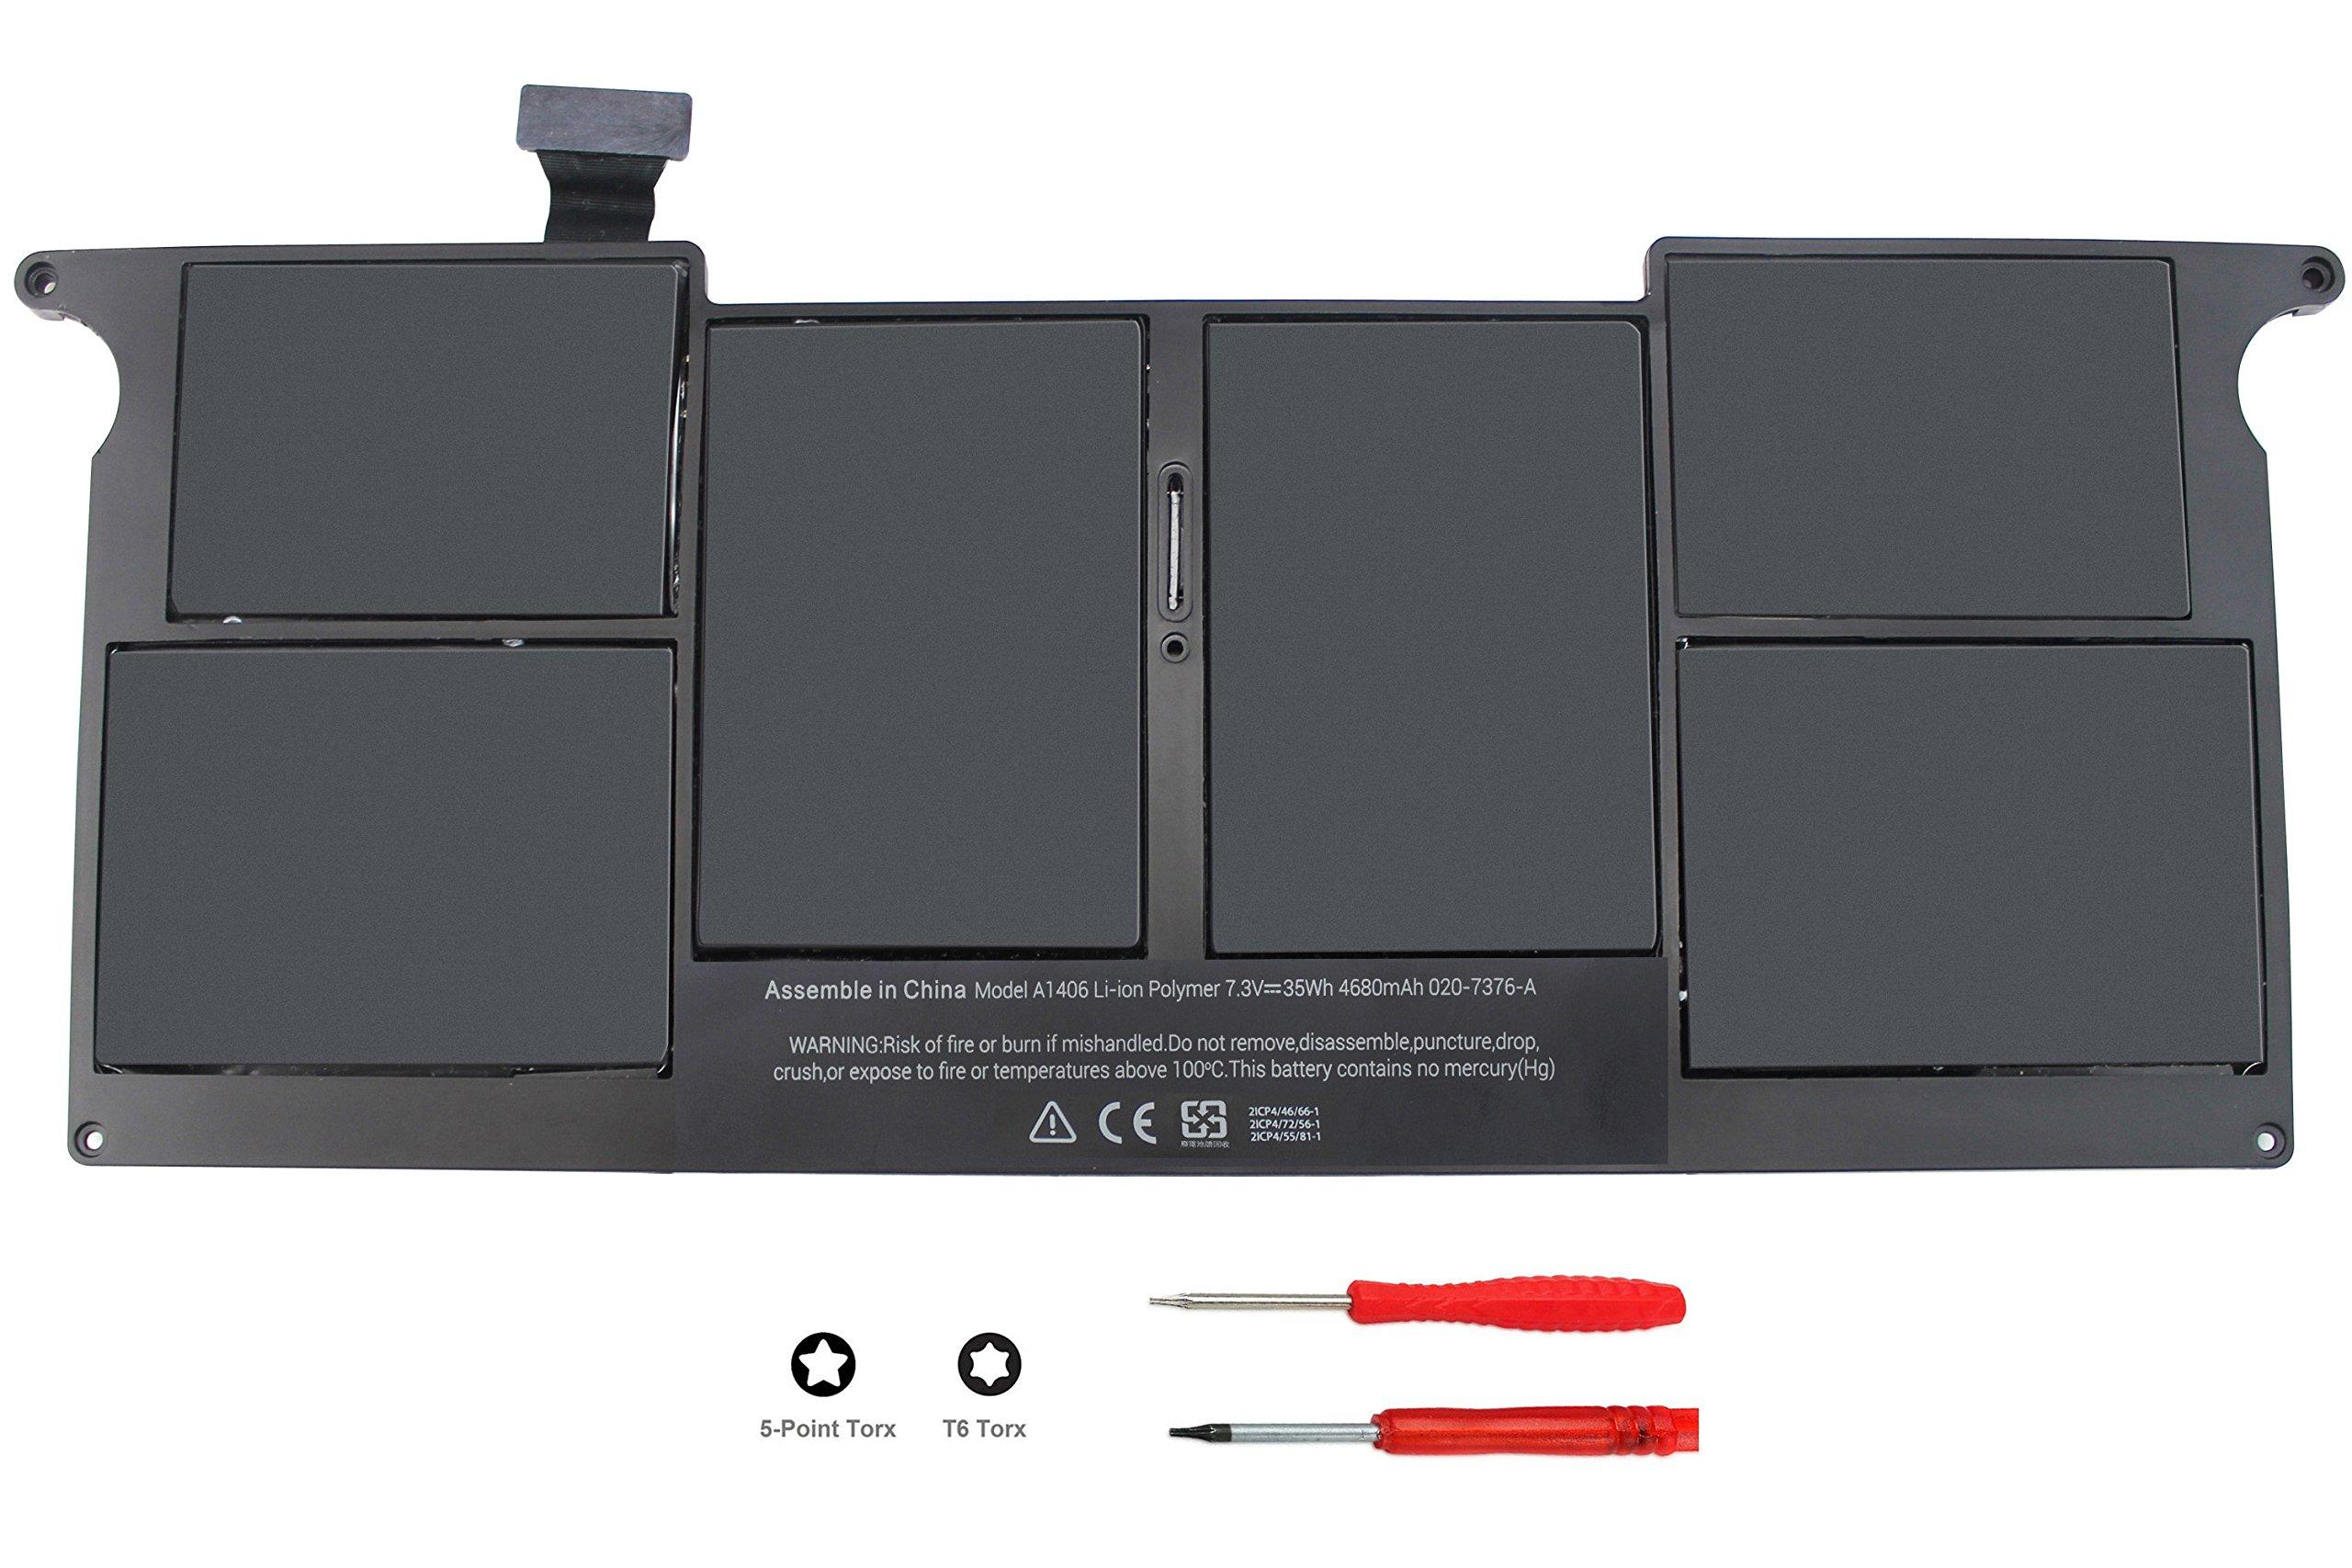 Bateria A1406 A1495 7.3V 35Wh Apple MacBook Air 11 A1465 Mid